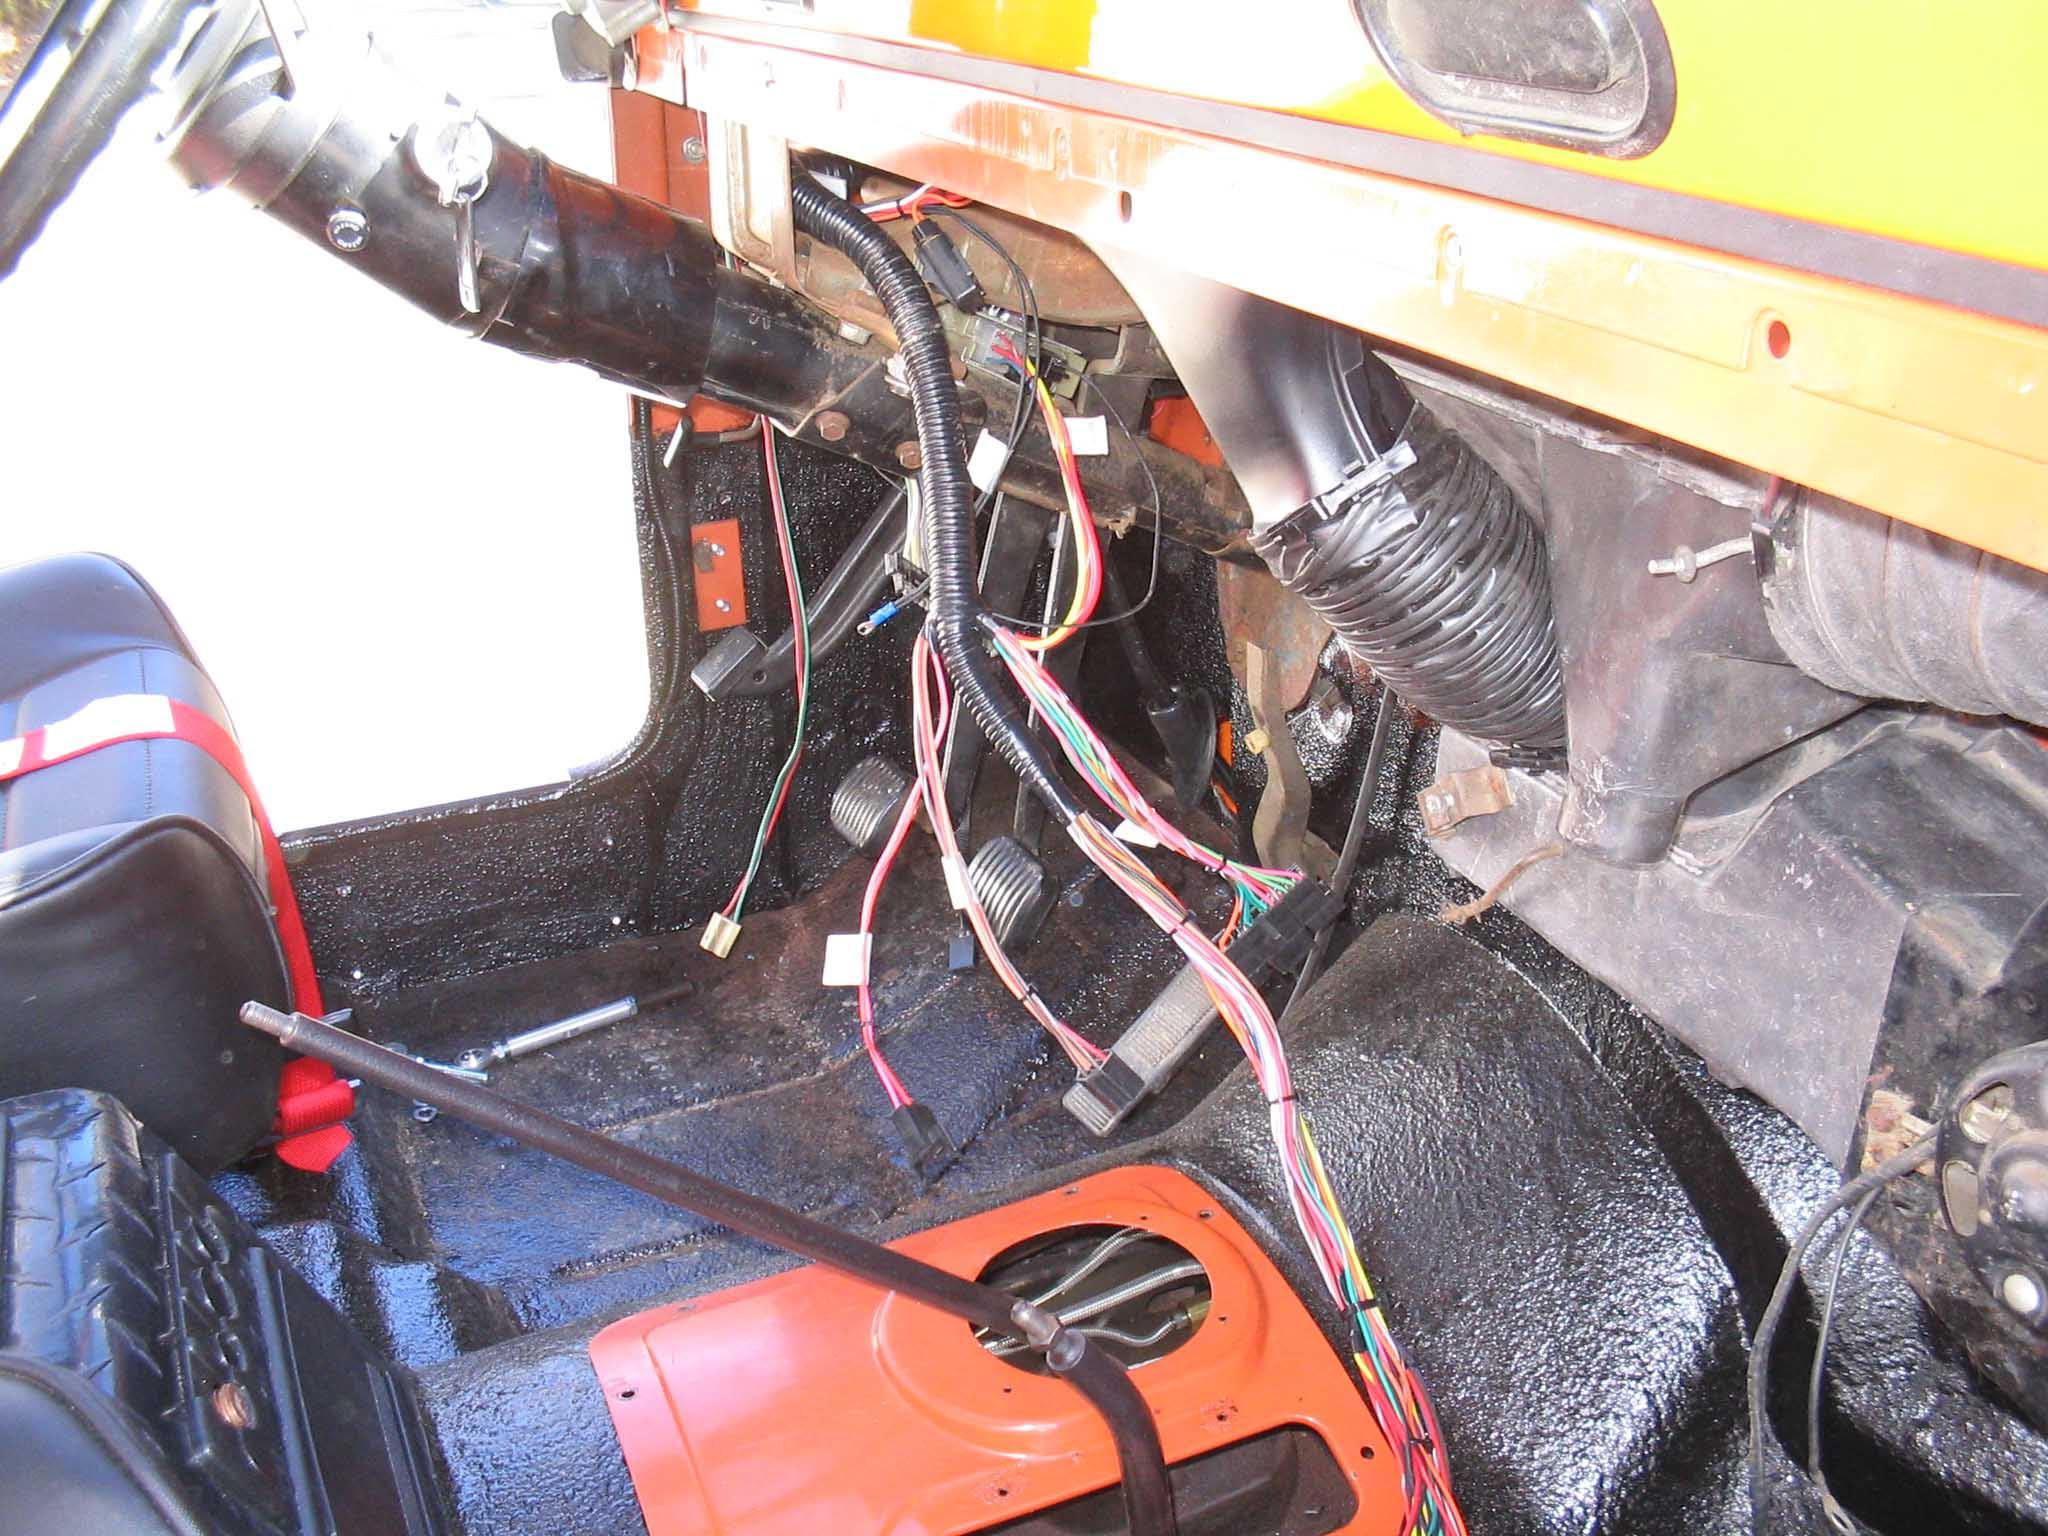 [DIAGRAM] 1983 Jeep Cj7 Wiring Harness Diagram FULL ...